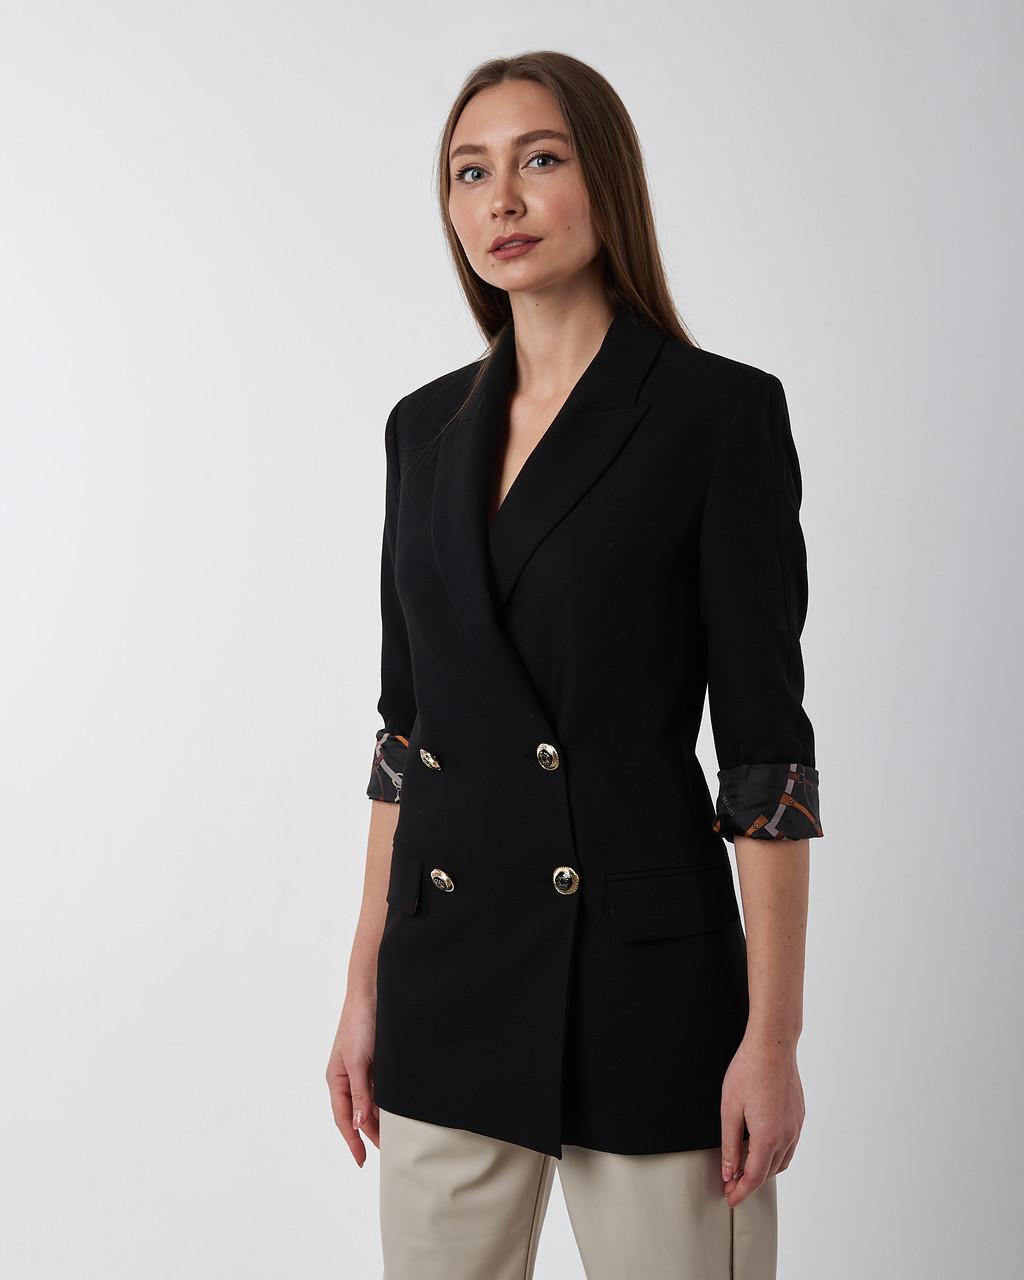 Пиджак женский черный. Турция